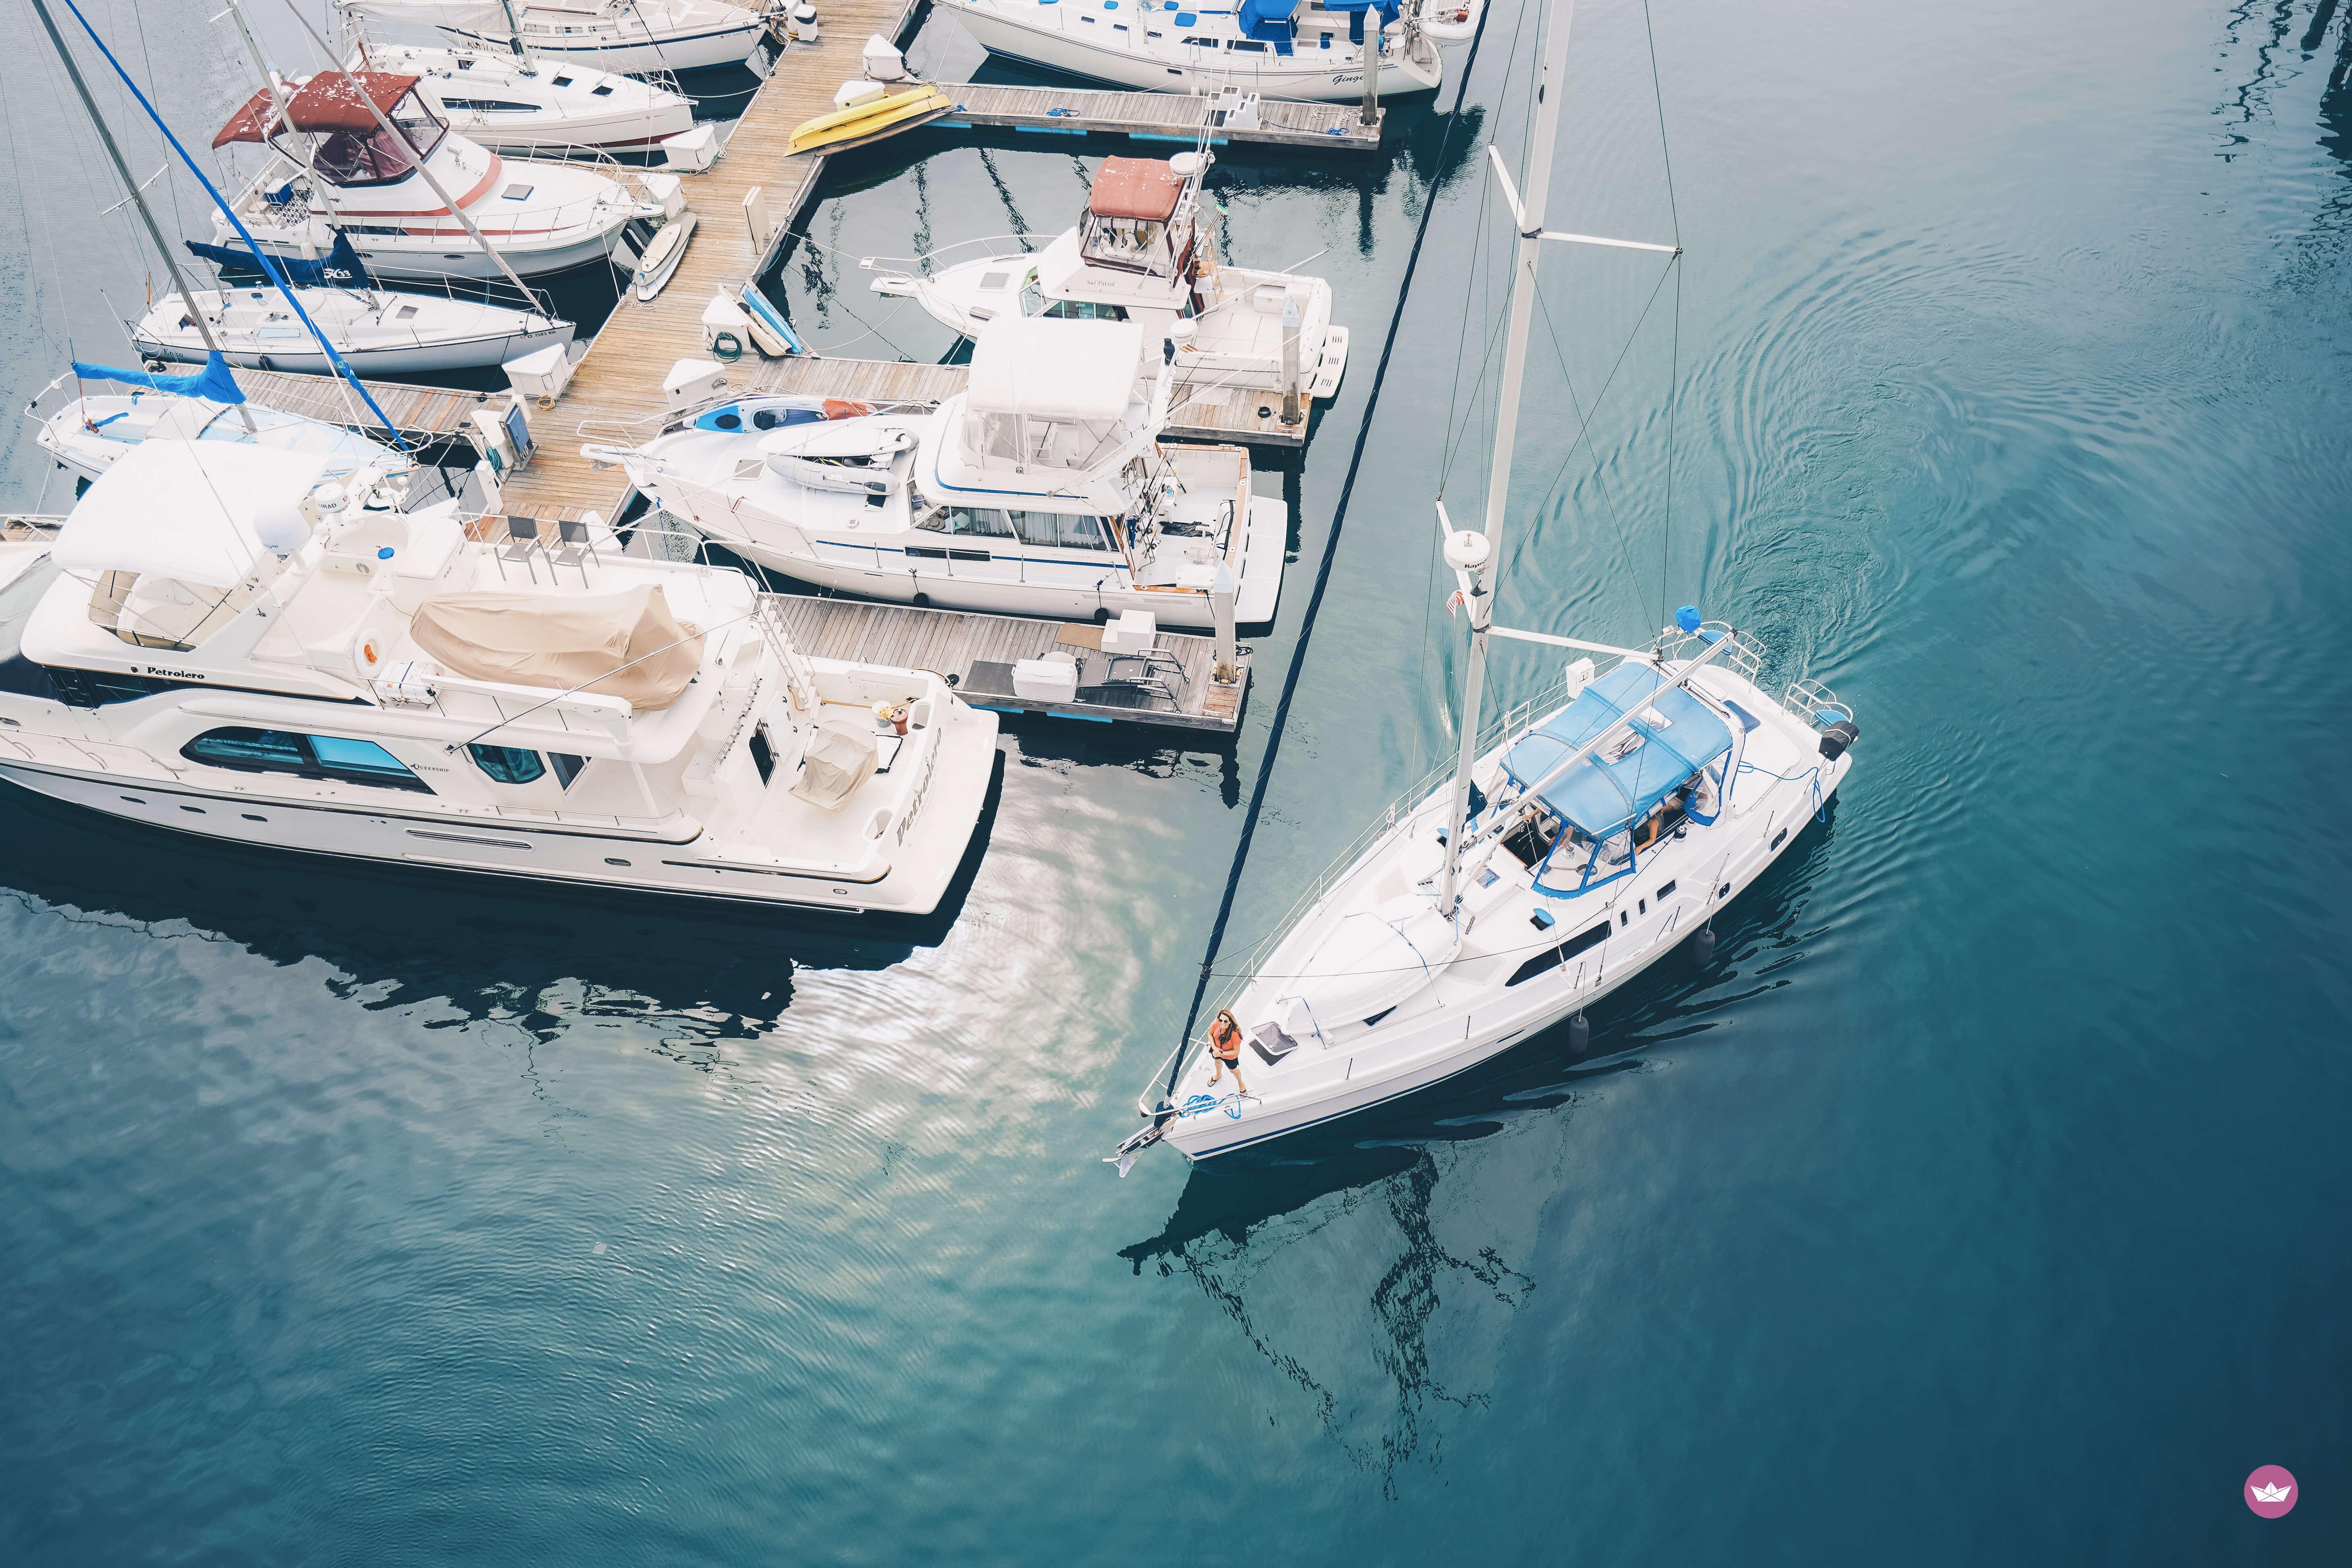 zeilboot huren zeiljacht huren zeilboot huren zonder vaarbewijs zeilboot huren met vaarbewijs zeilboot huren met schipper zeilboot huren zonder schipper